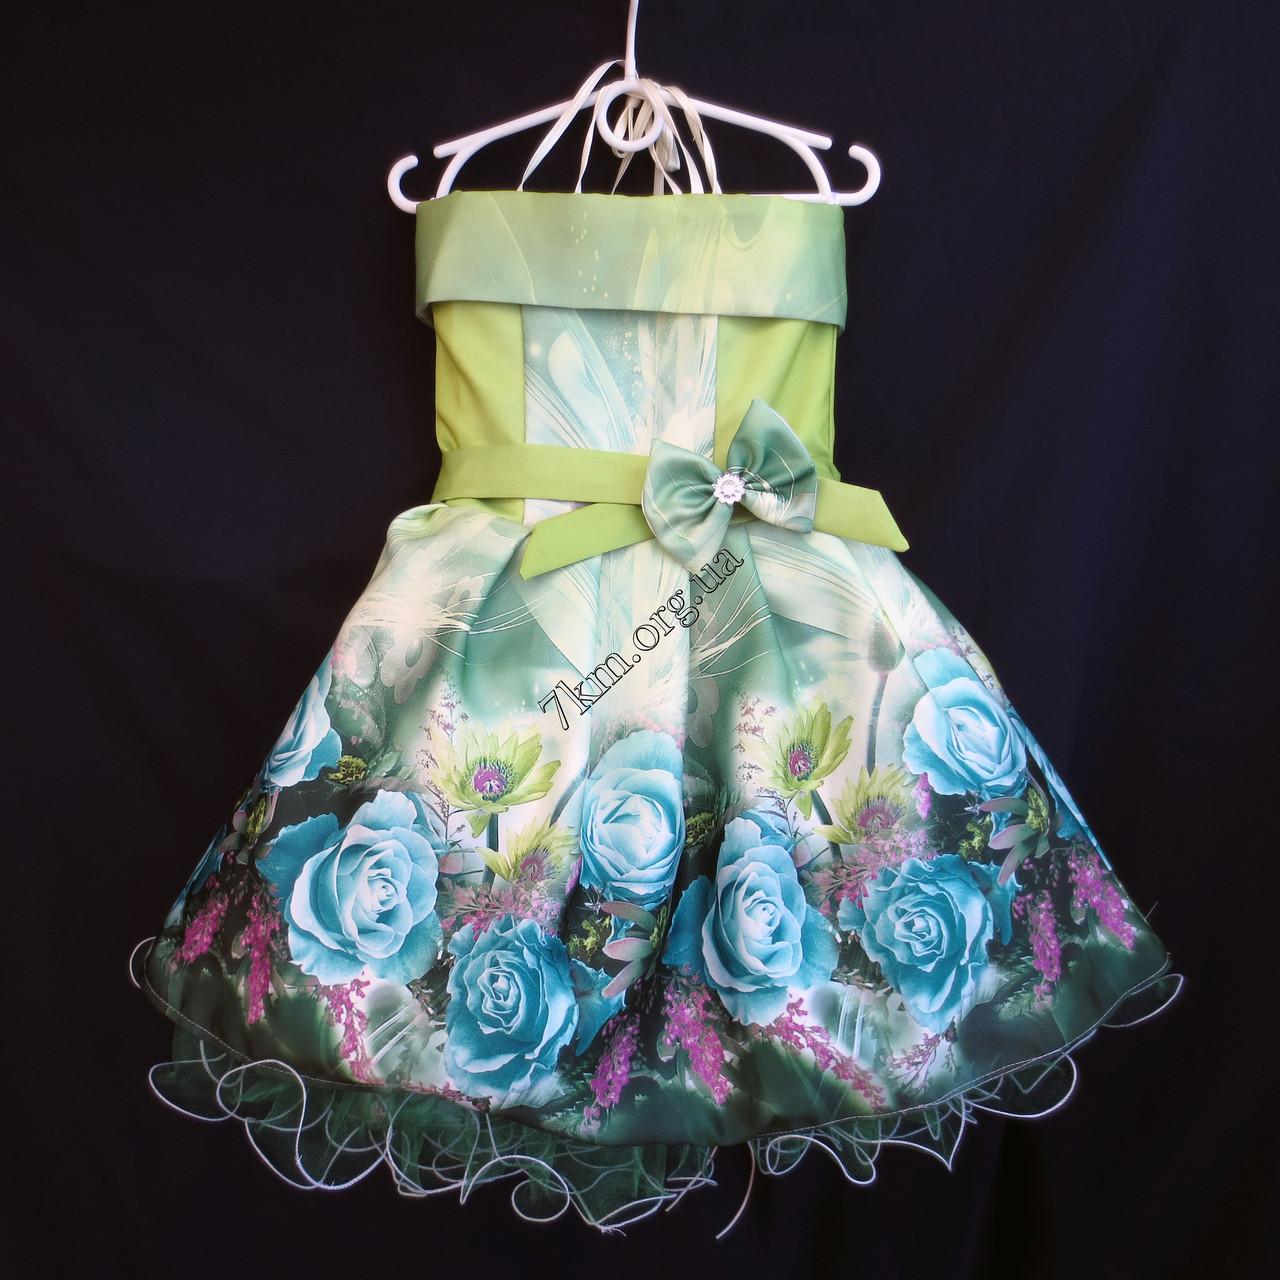 Платье нарядное бальное детское Шикарная роза (3D- рисунок) 6 лет салатовое Украина оптом.